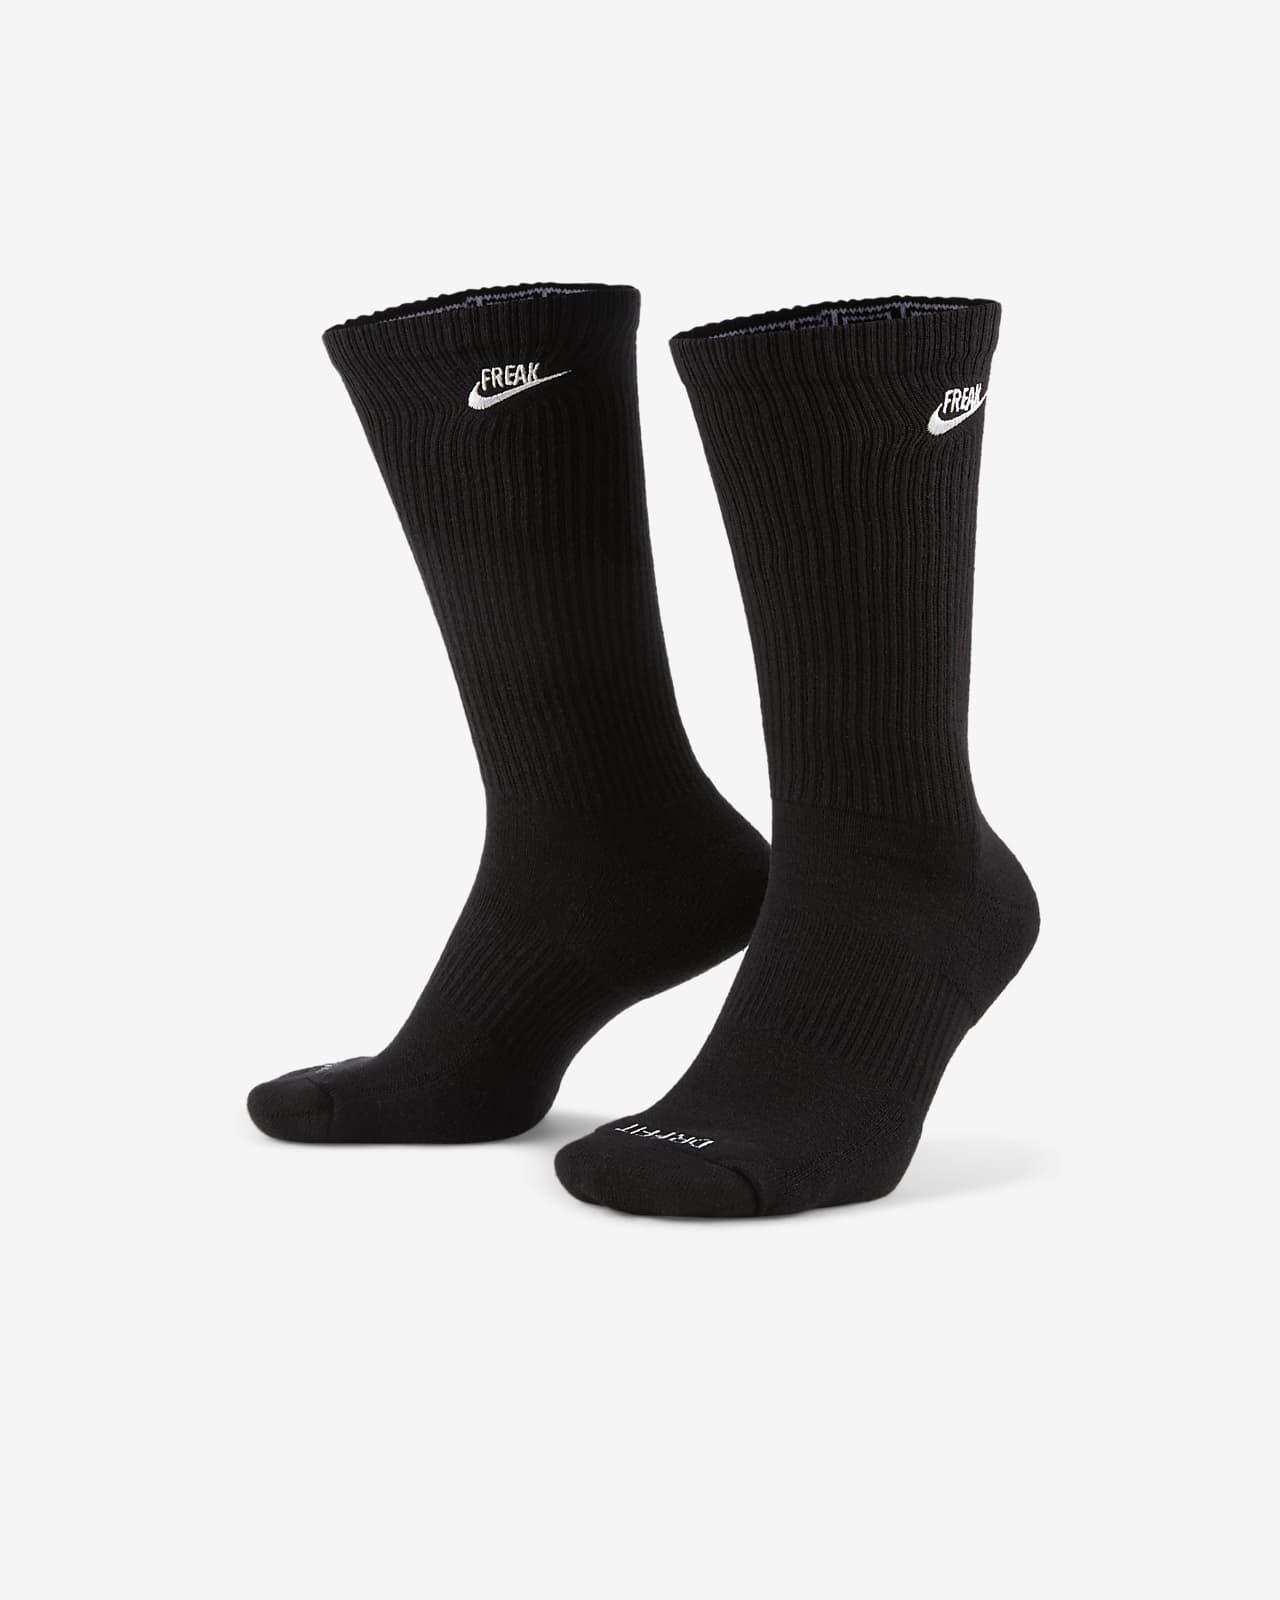 ถุงเท้าบาสเก็ตบอลข้อยาว Nike Everyday Plus Cushioned